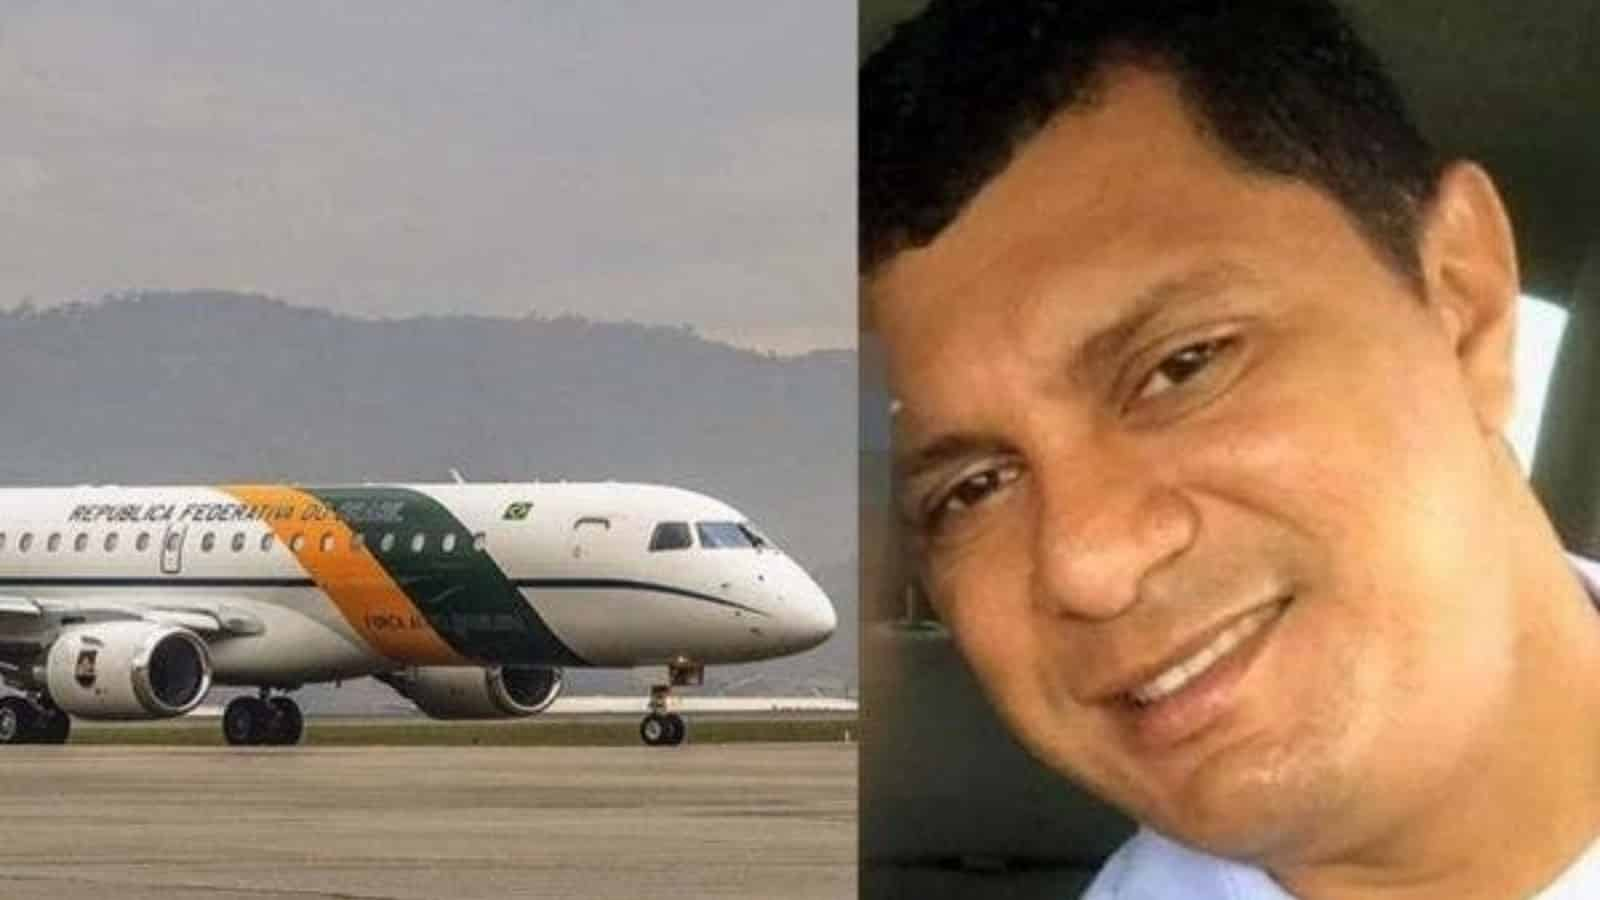 Manoel Silva Rodrigues foi preso traficando em aviao da FAB 1 - MILITARES BRASILEIROS: Aviões da FAB eram utilizados para tráfico internacional de drogas, segundo PF